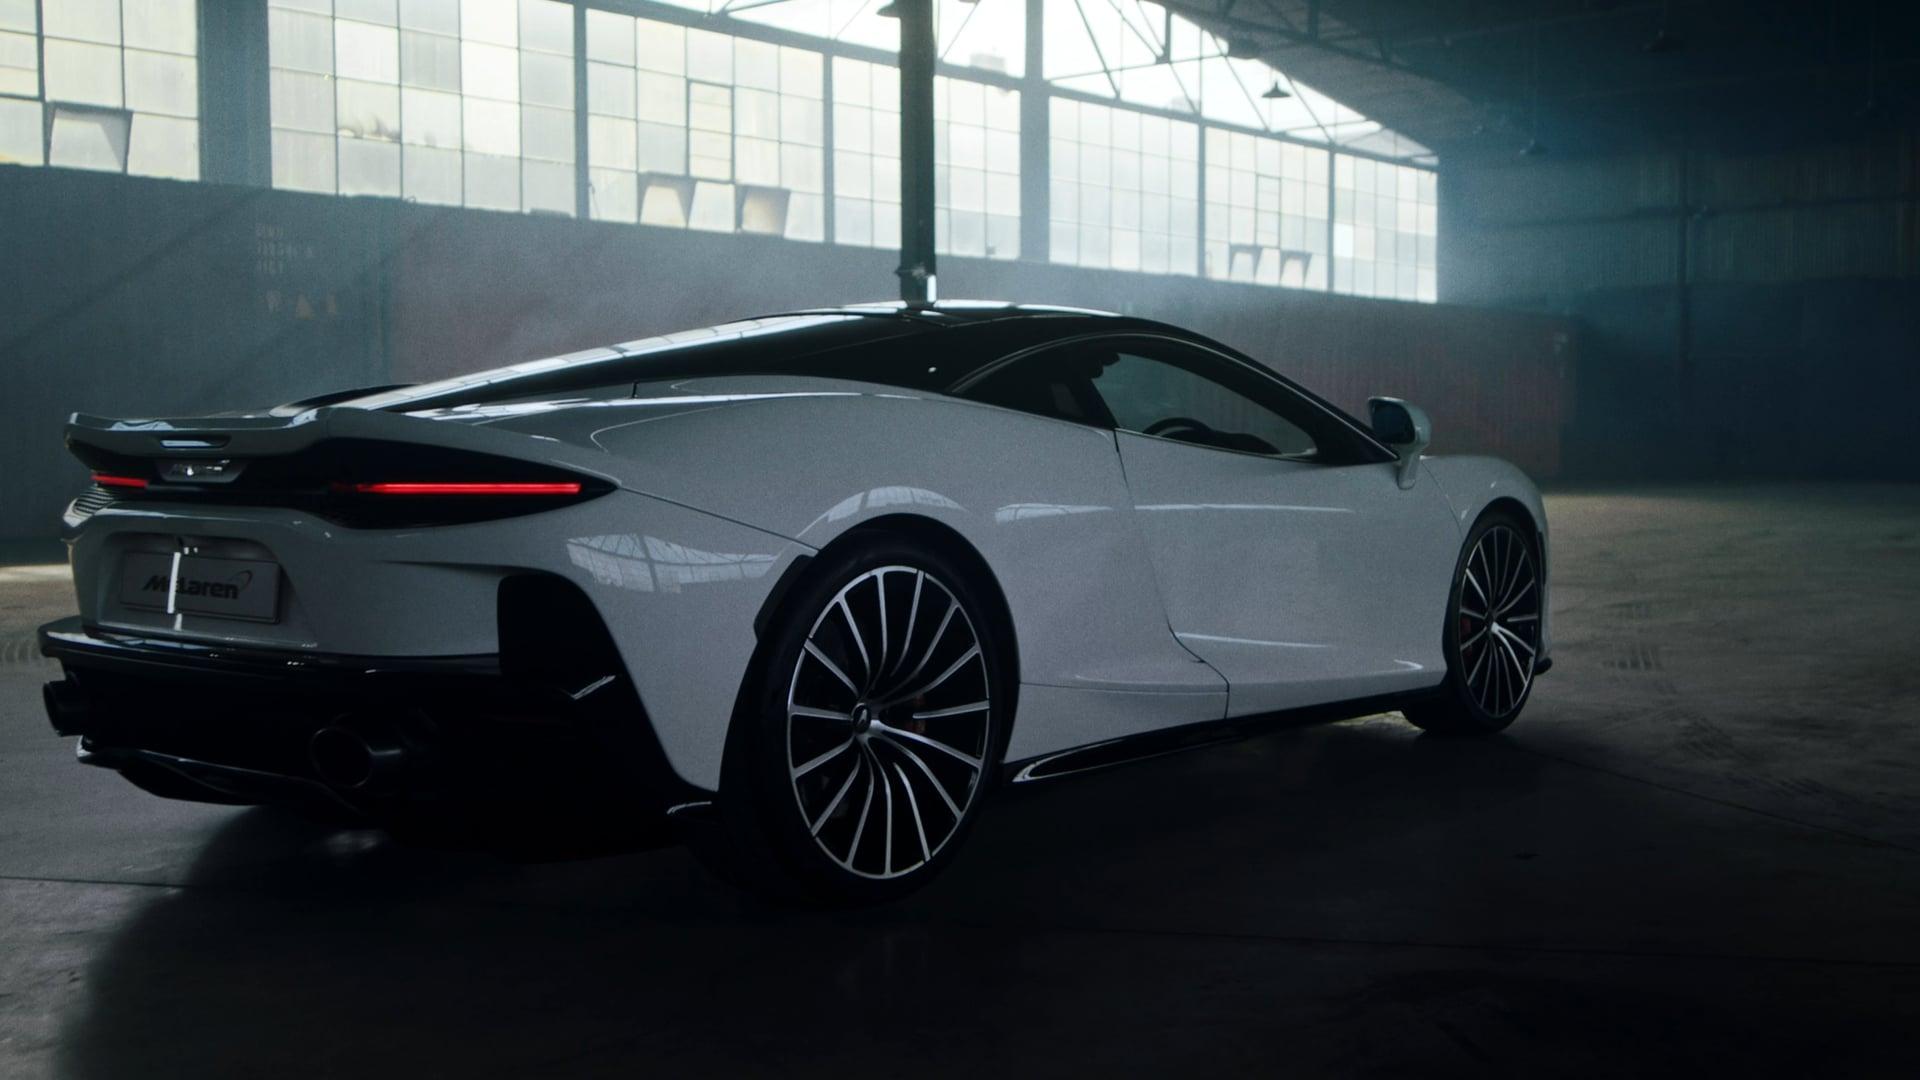 McLaren GT - 30sec TVC